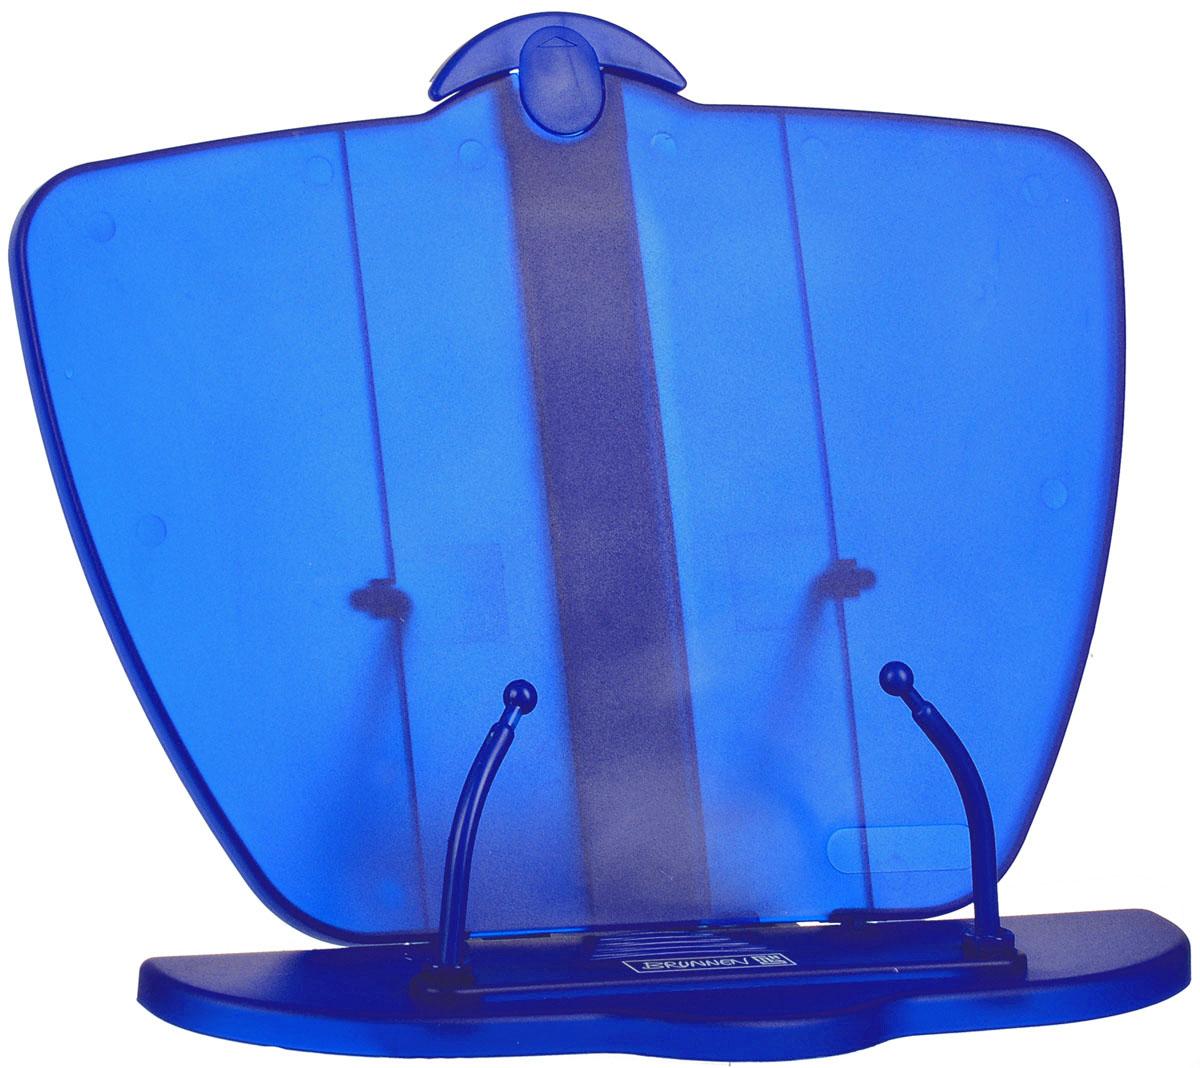 Brunnen Подставка для учебников, цвет: синий40403\313370Подставка для учебников Brunnen, выполненная из полупрозрачного прочного пластика синего цвета.Удобная и устойчивая подставка специально предназначена в помощь в обучении, а несколько ступеней креплений сделает удобным наклон в соответствии со всеми индивидуальными предпочтениями и привычками школьника. Она обязательно понравится первоклашке и станет отличным помощником в обучающем процессе, а также простимулирует его интерес к учебе.